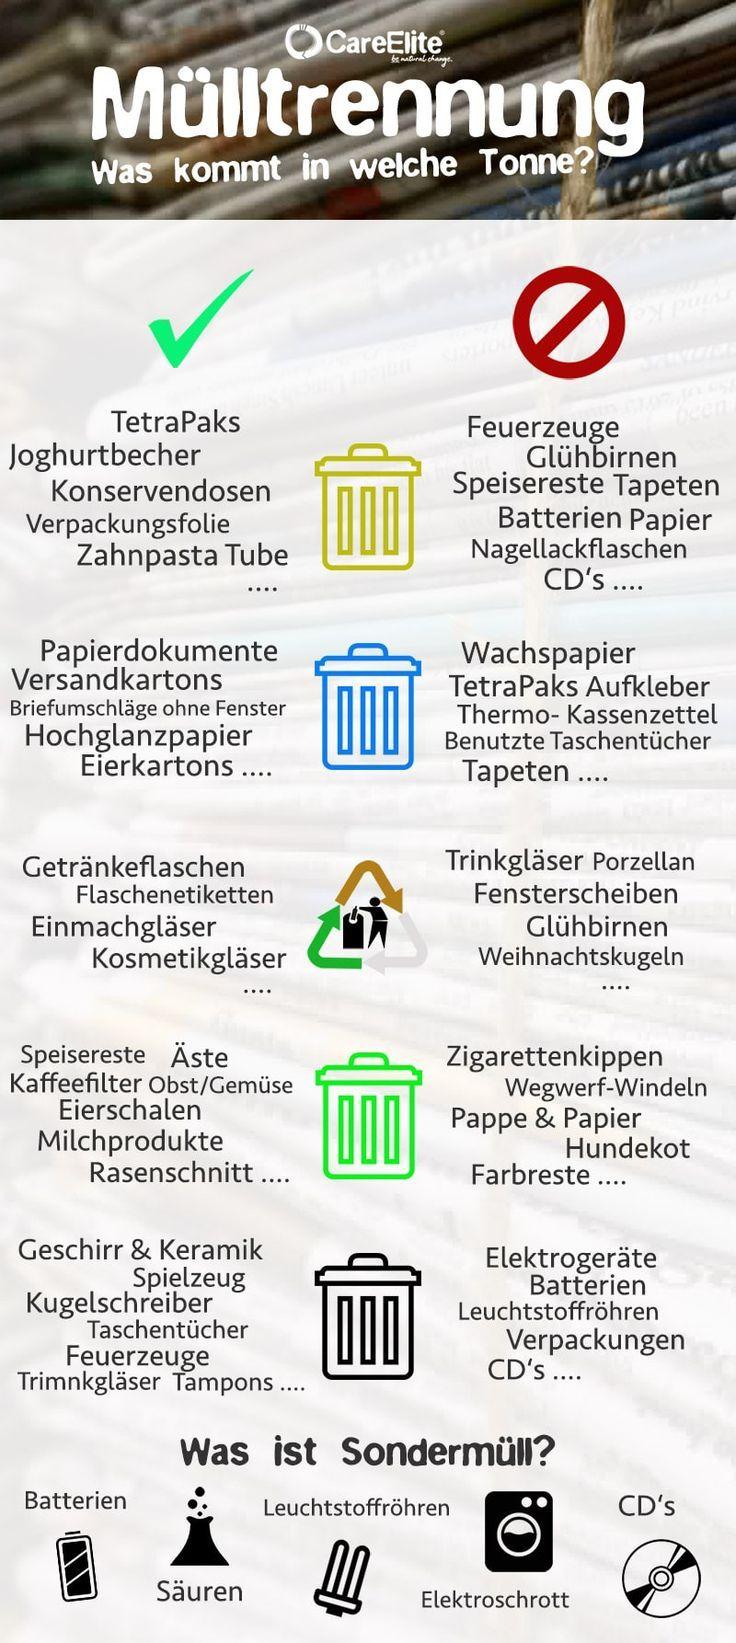 Badezimmer Müll In Welche Tonne